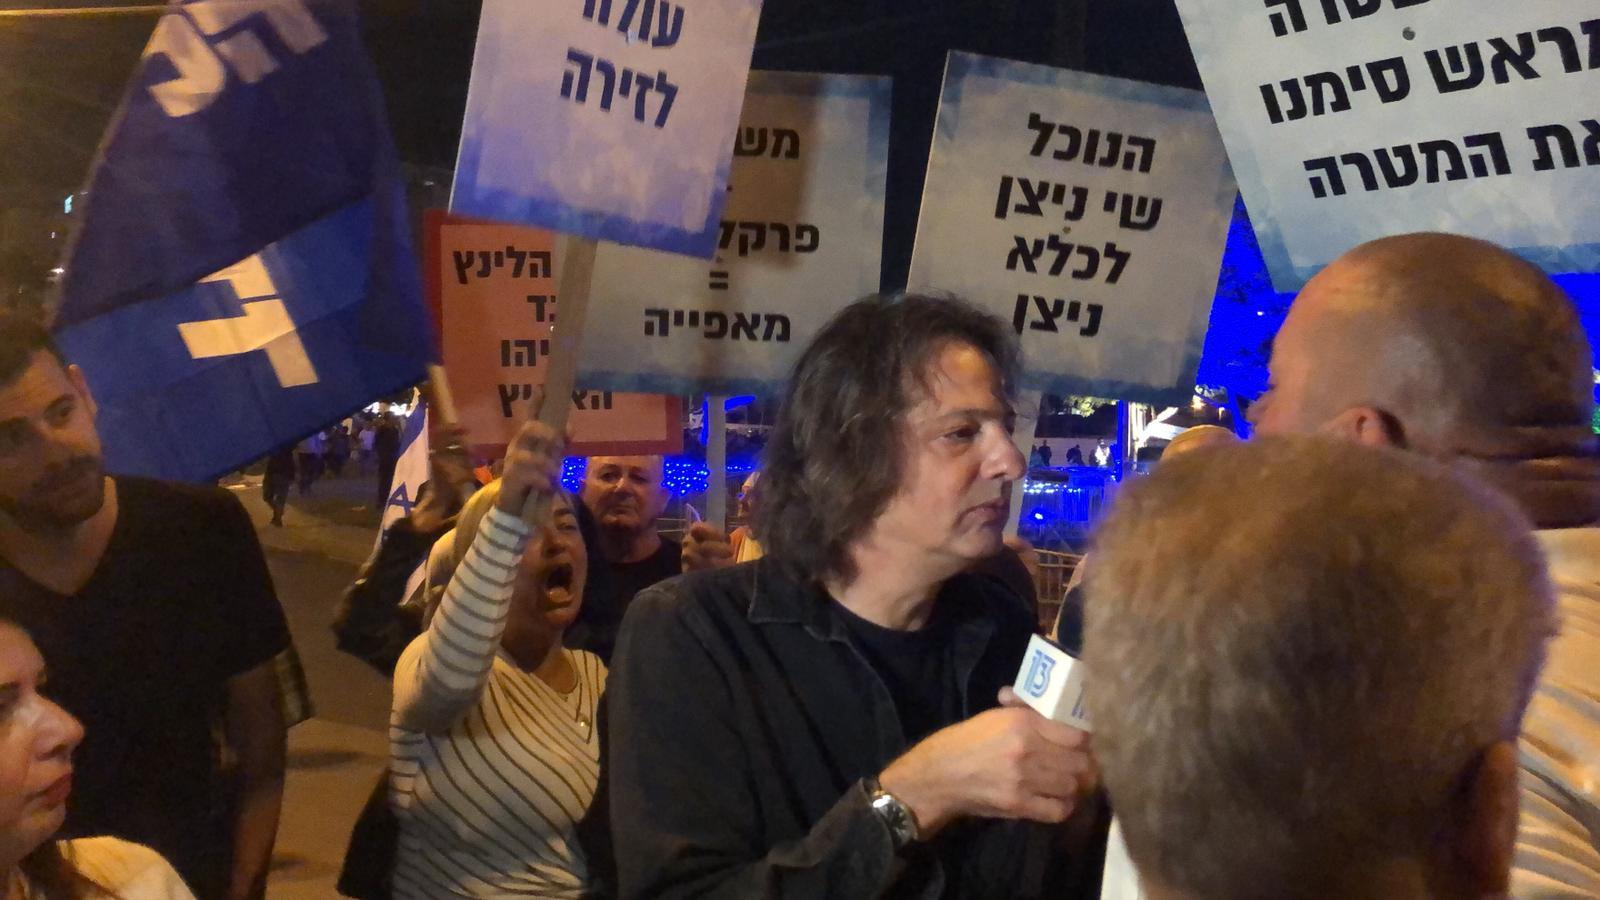 סיסמאות ההפגנה (צילום: ציפי מנשה)